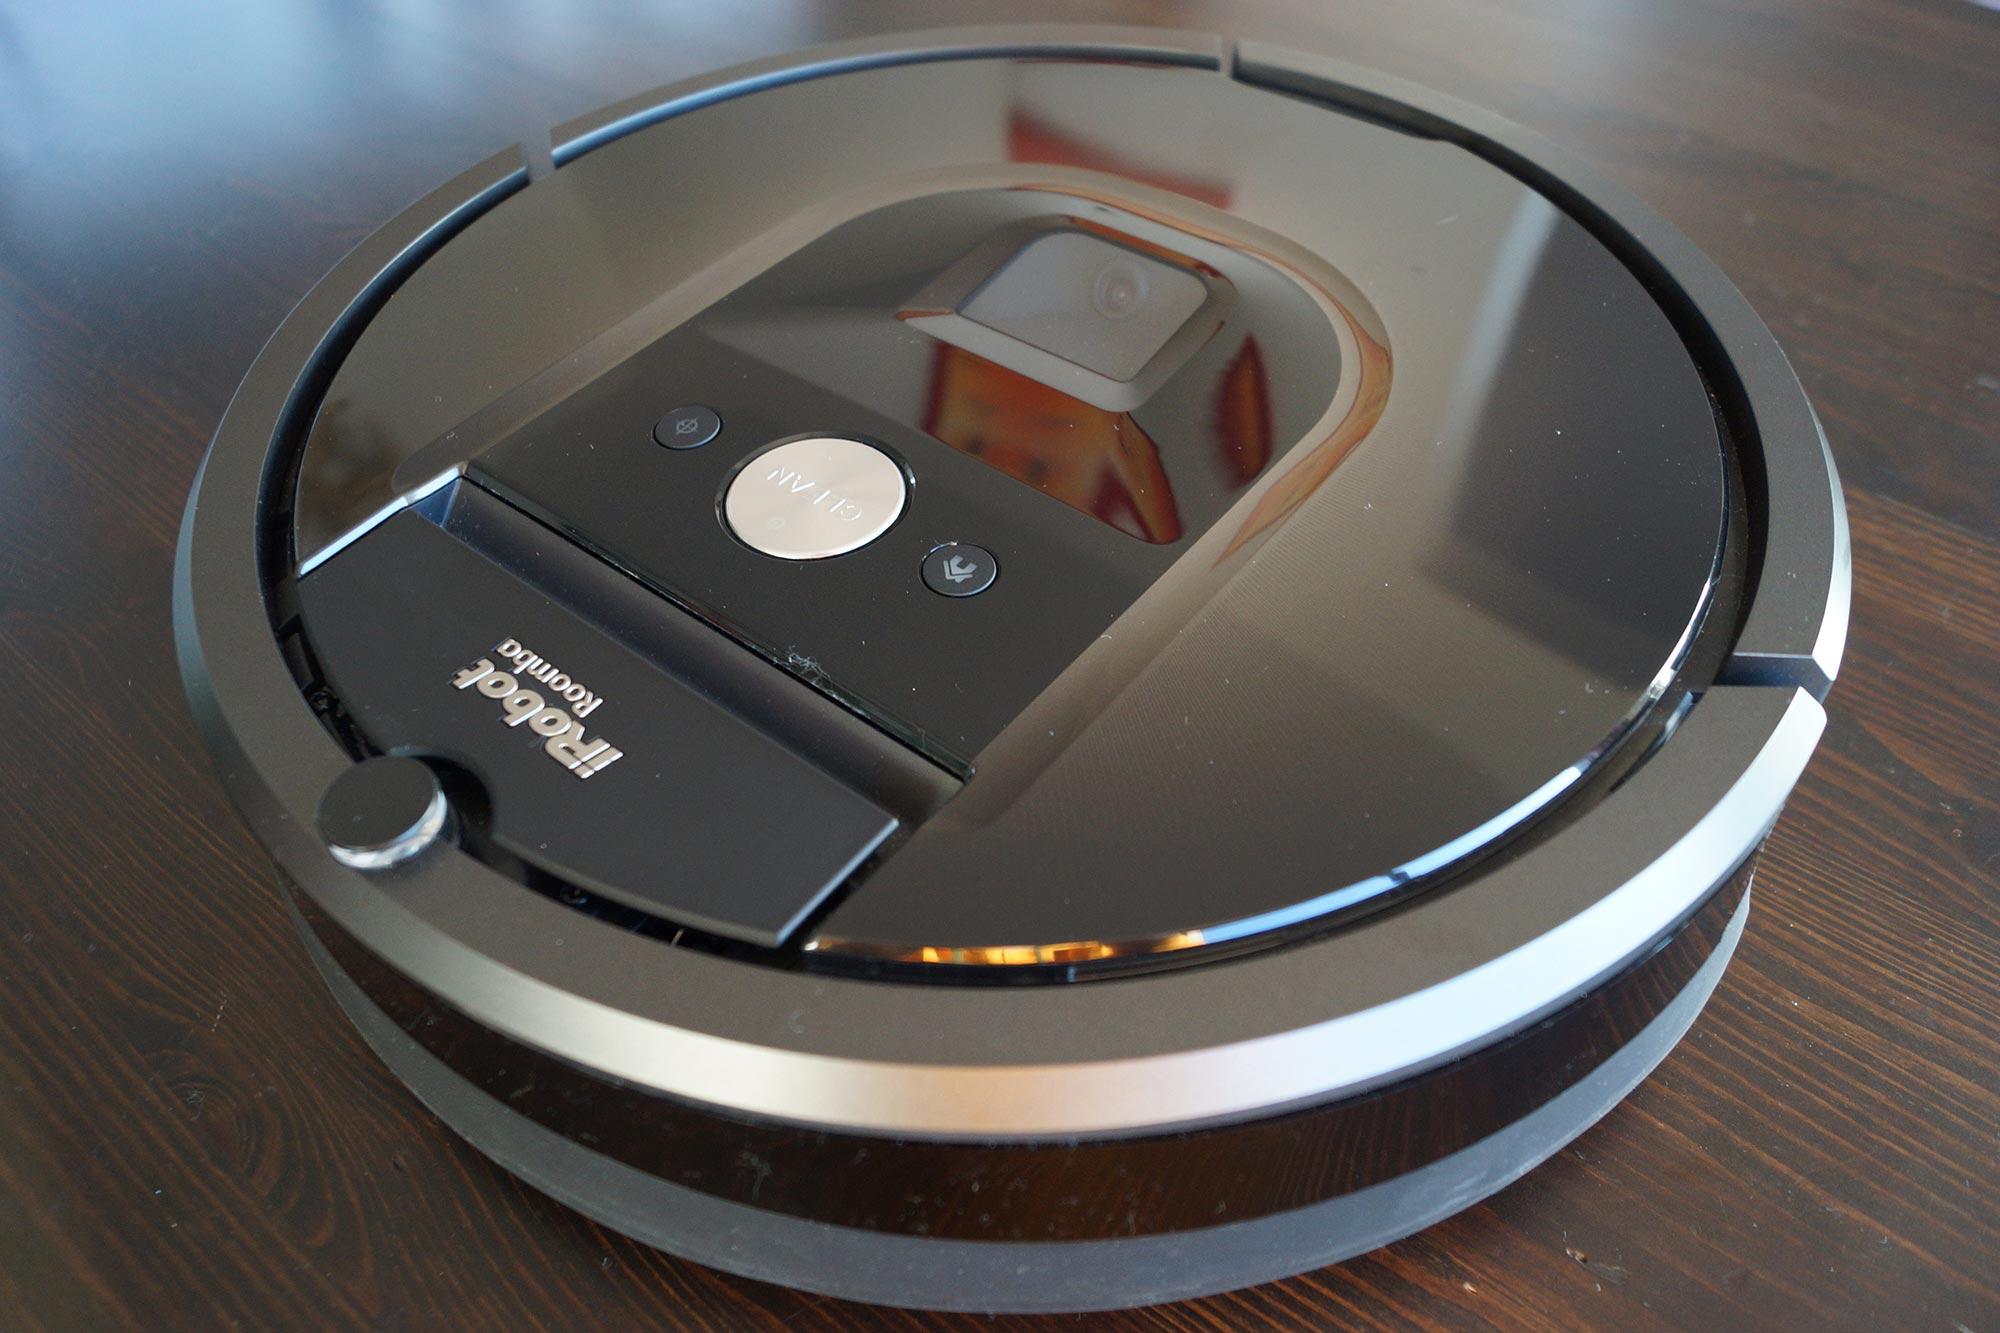 robot qui cuisine tout seul simple robot qui cuisine tout seul central cuisine vie robot. Black Bedroom Furniture Sets. Home Design Ideas